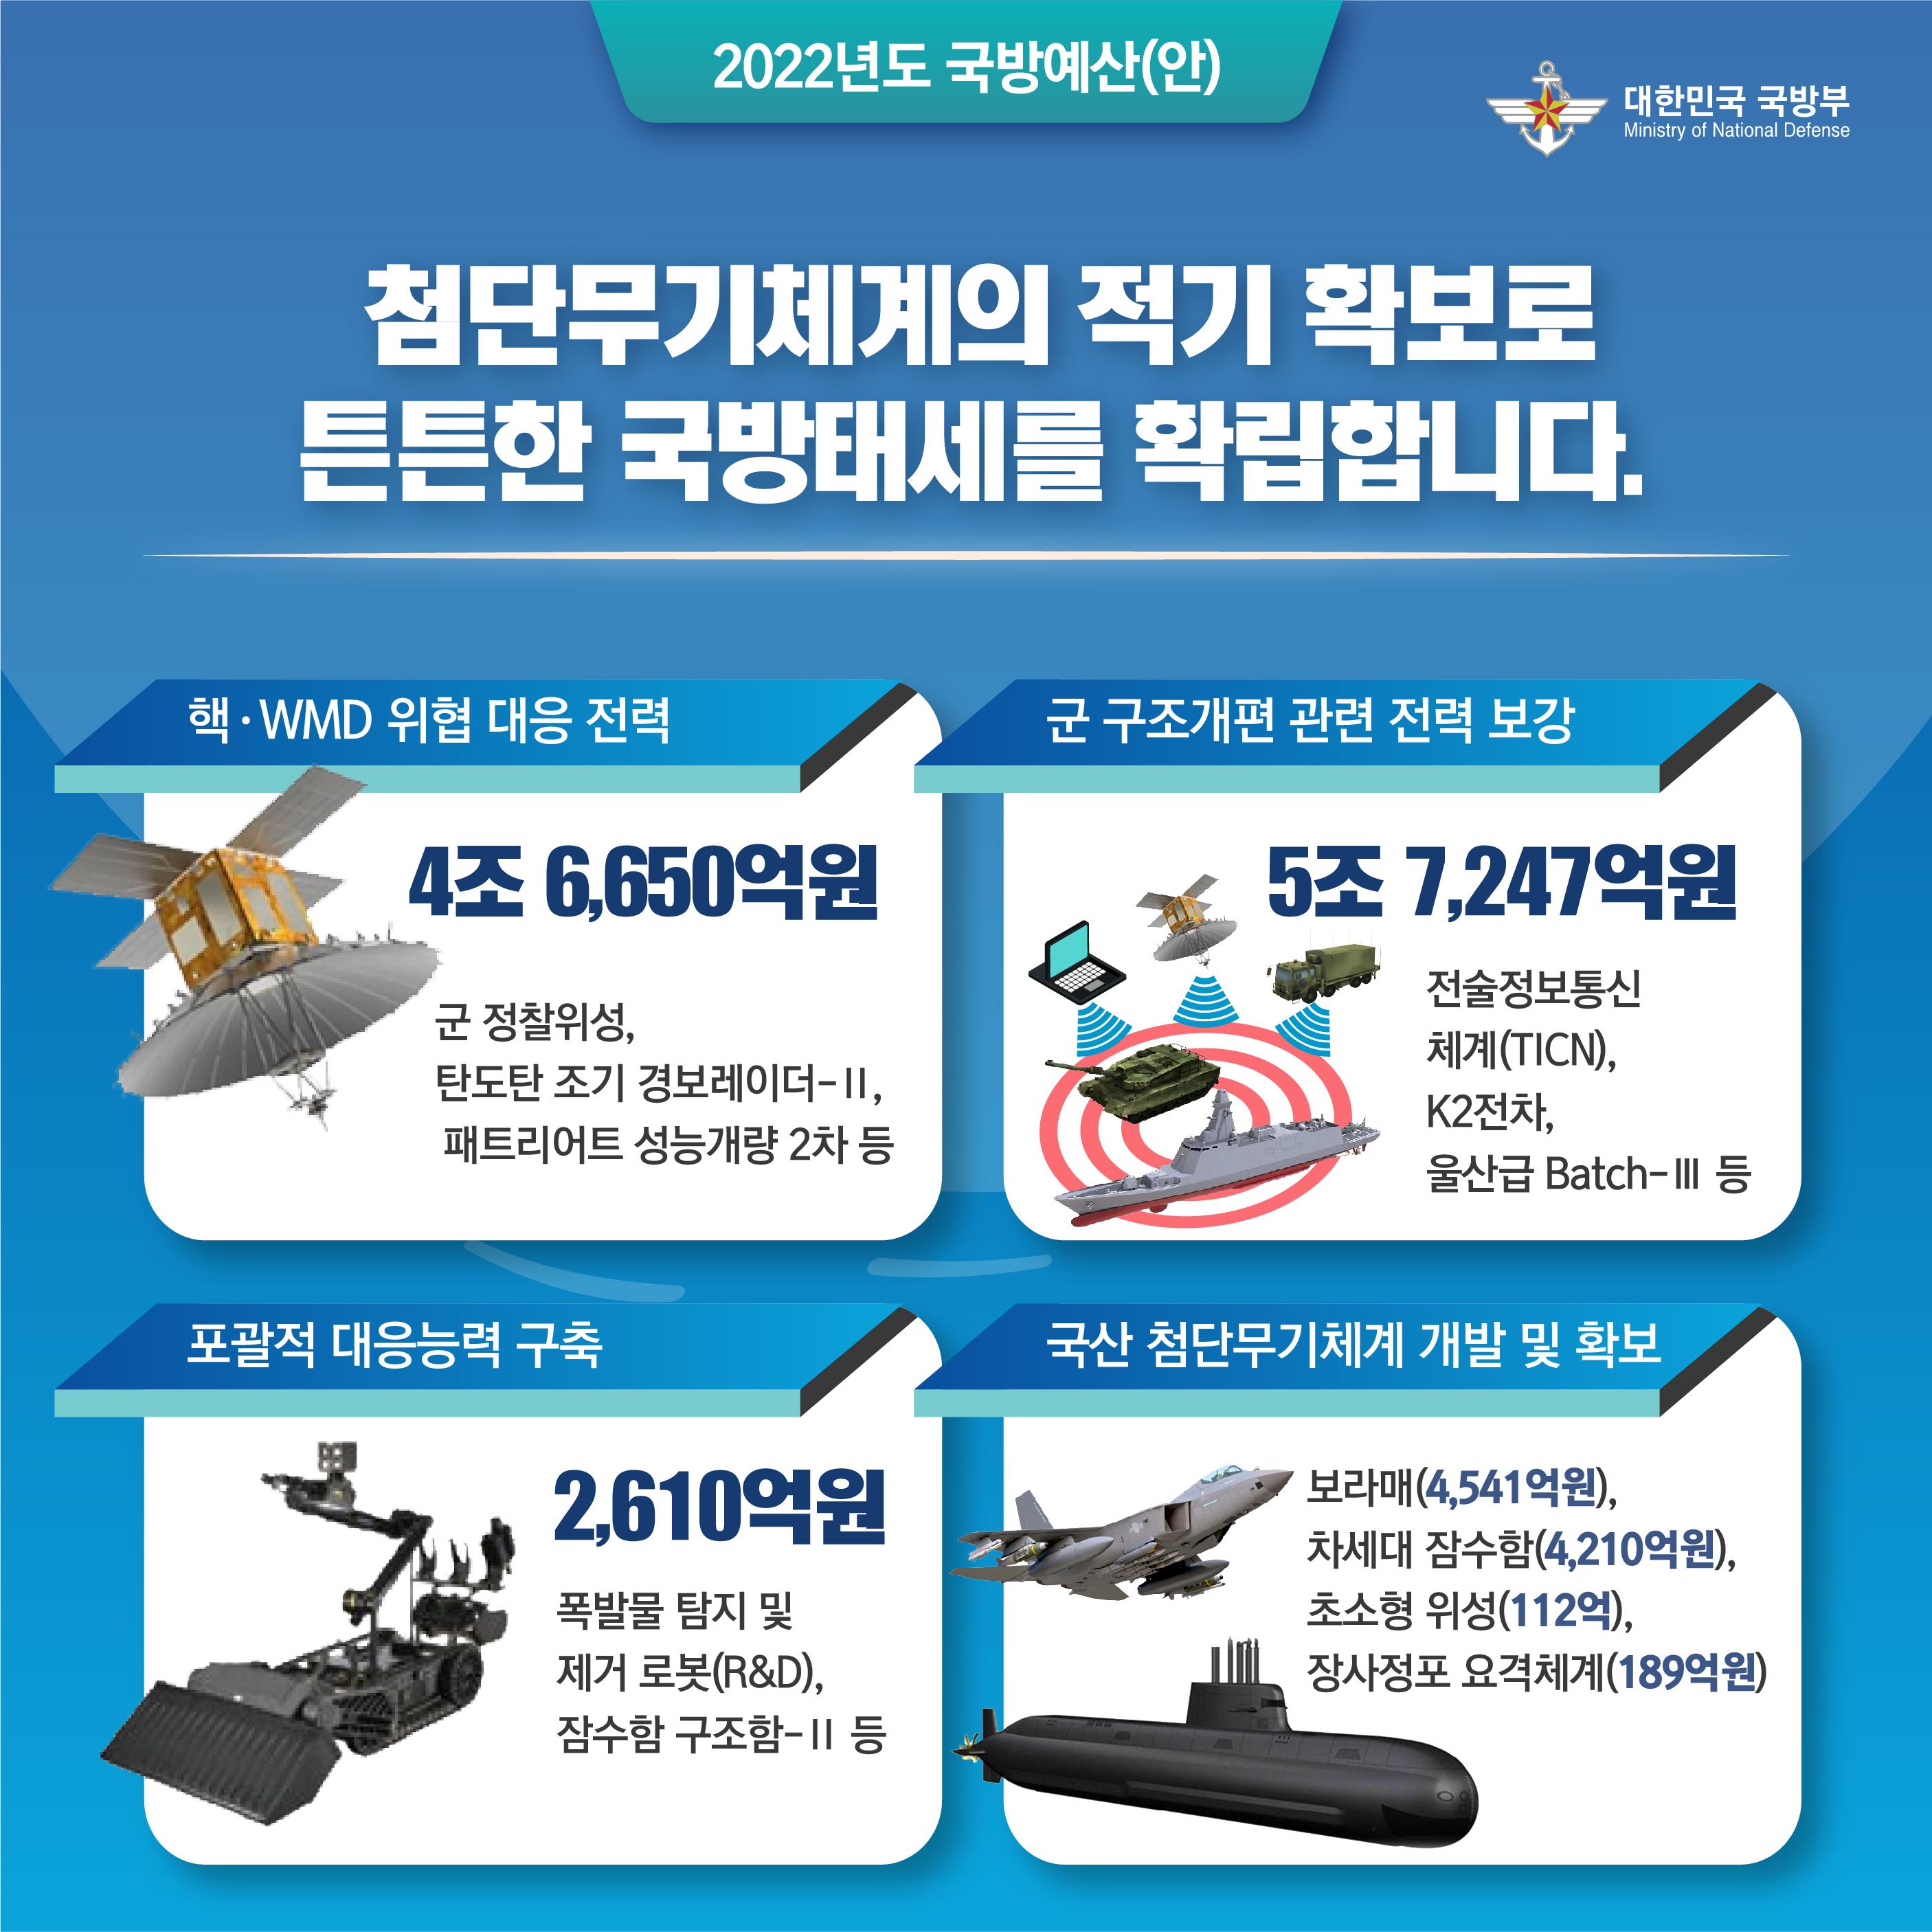 2022 국방예산 카드뉴스 3.jpg